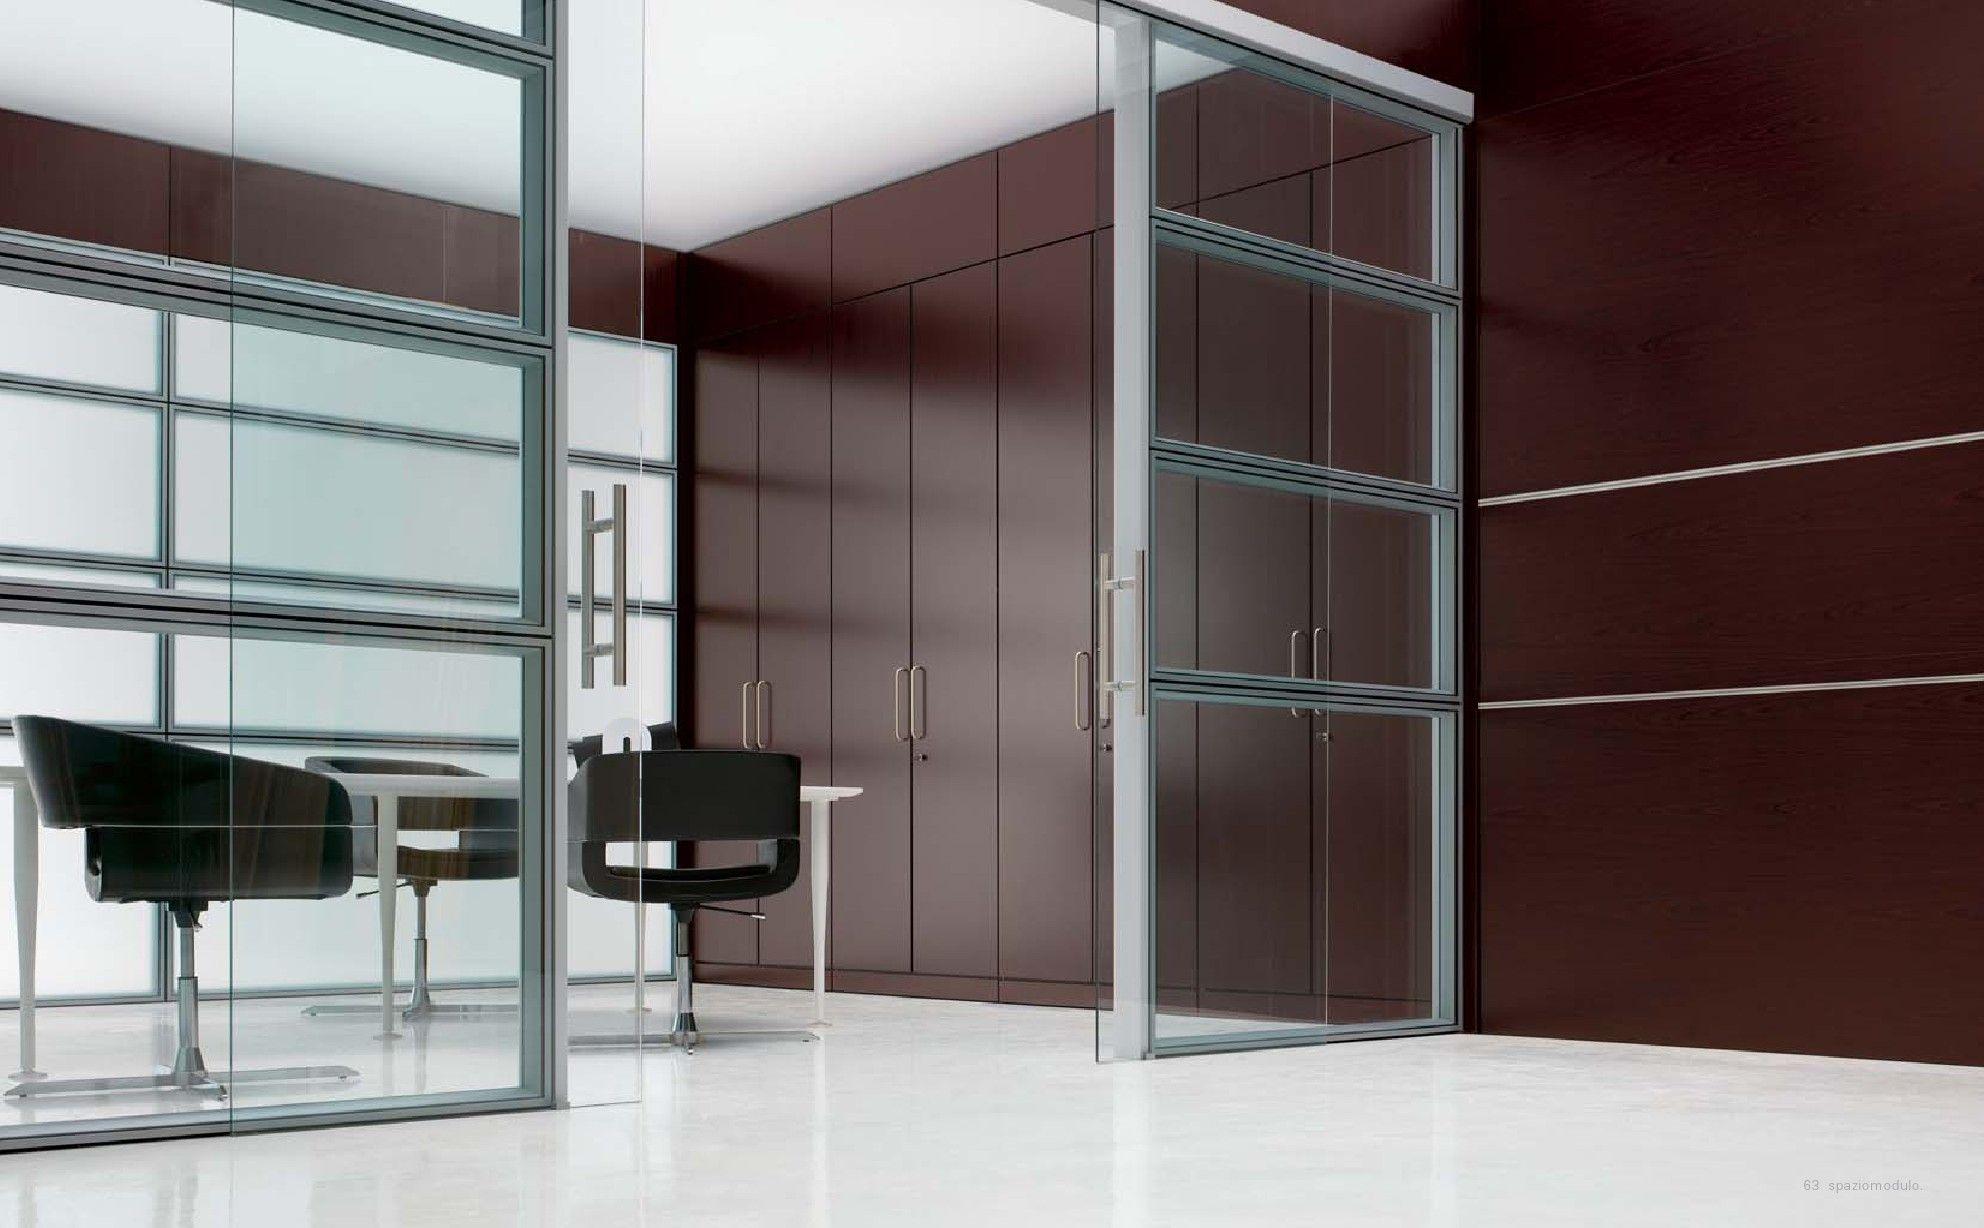 Pareti divisorie attrezzate #arredamento #uffici #design #creative #office www.paolocavazzoli.it